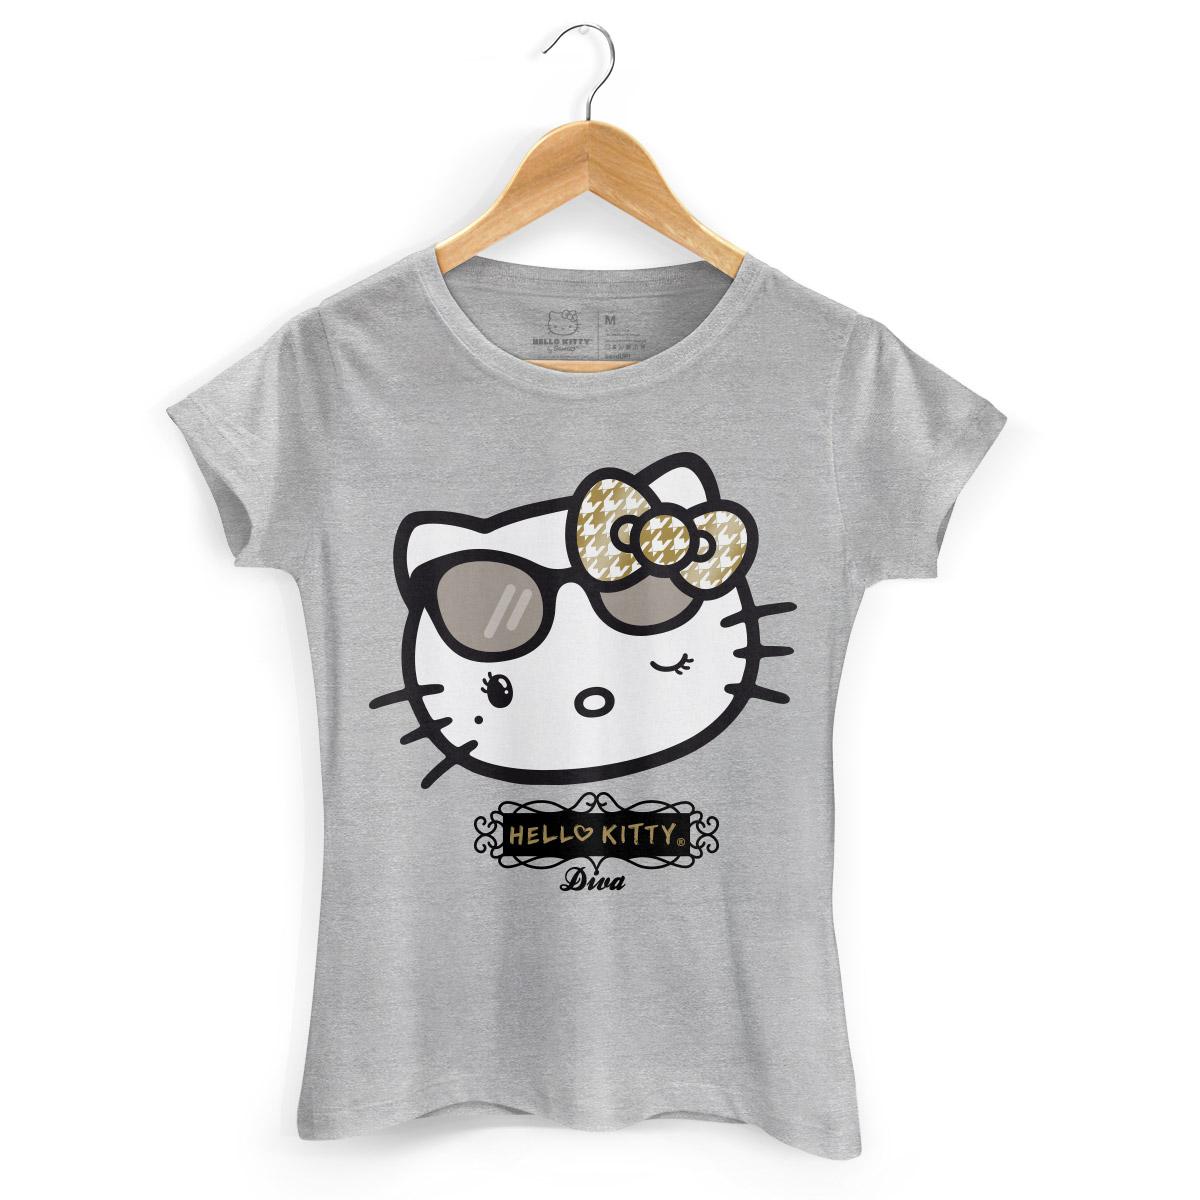 Camiseta Hello Kitty Diva